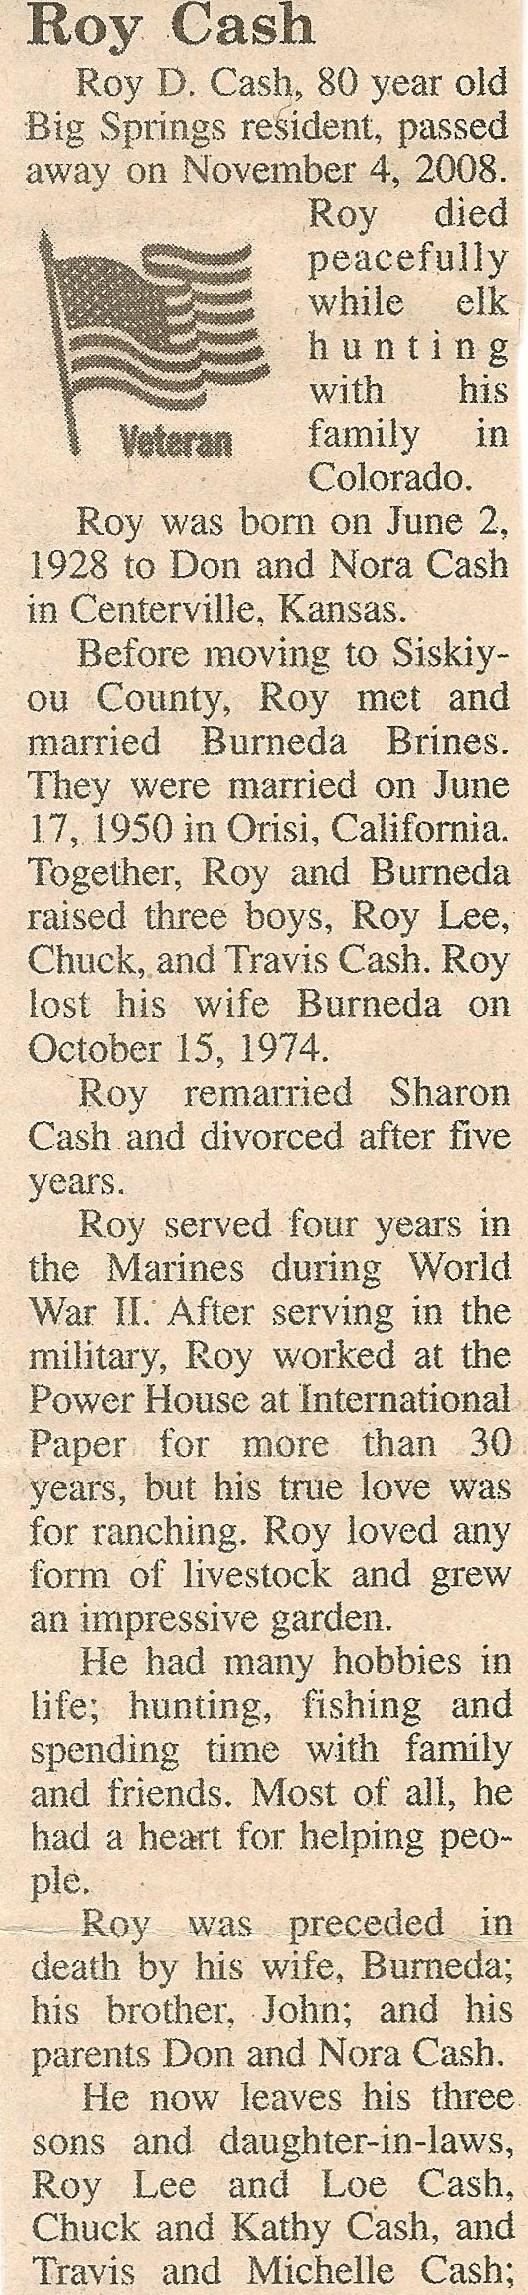 Roy D. Cash